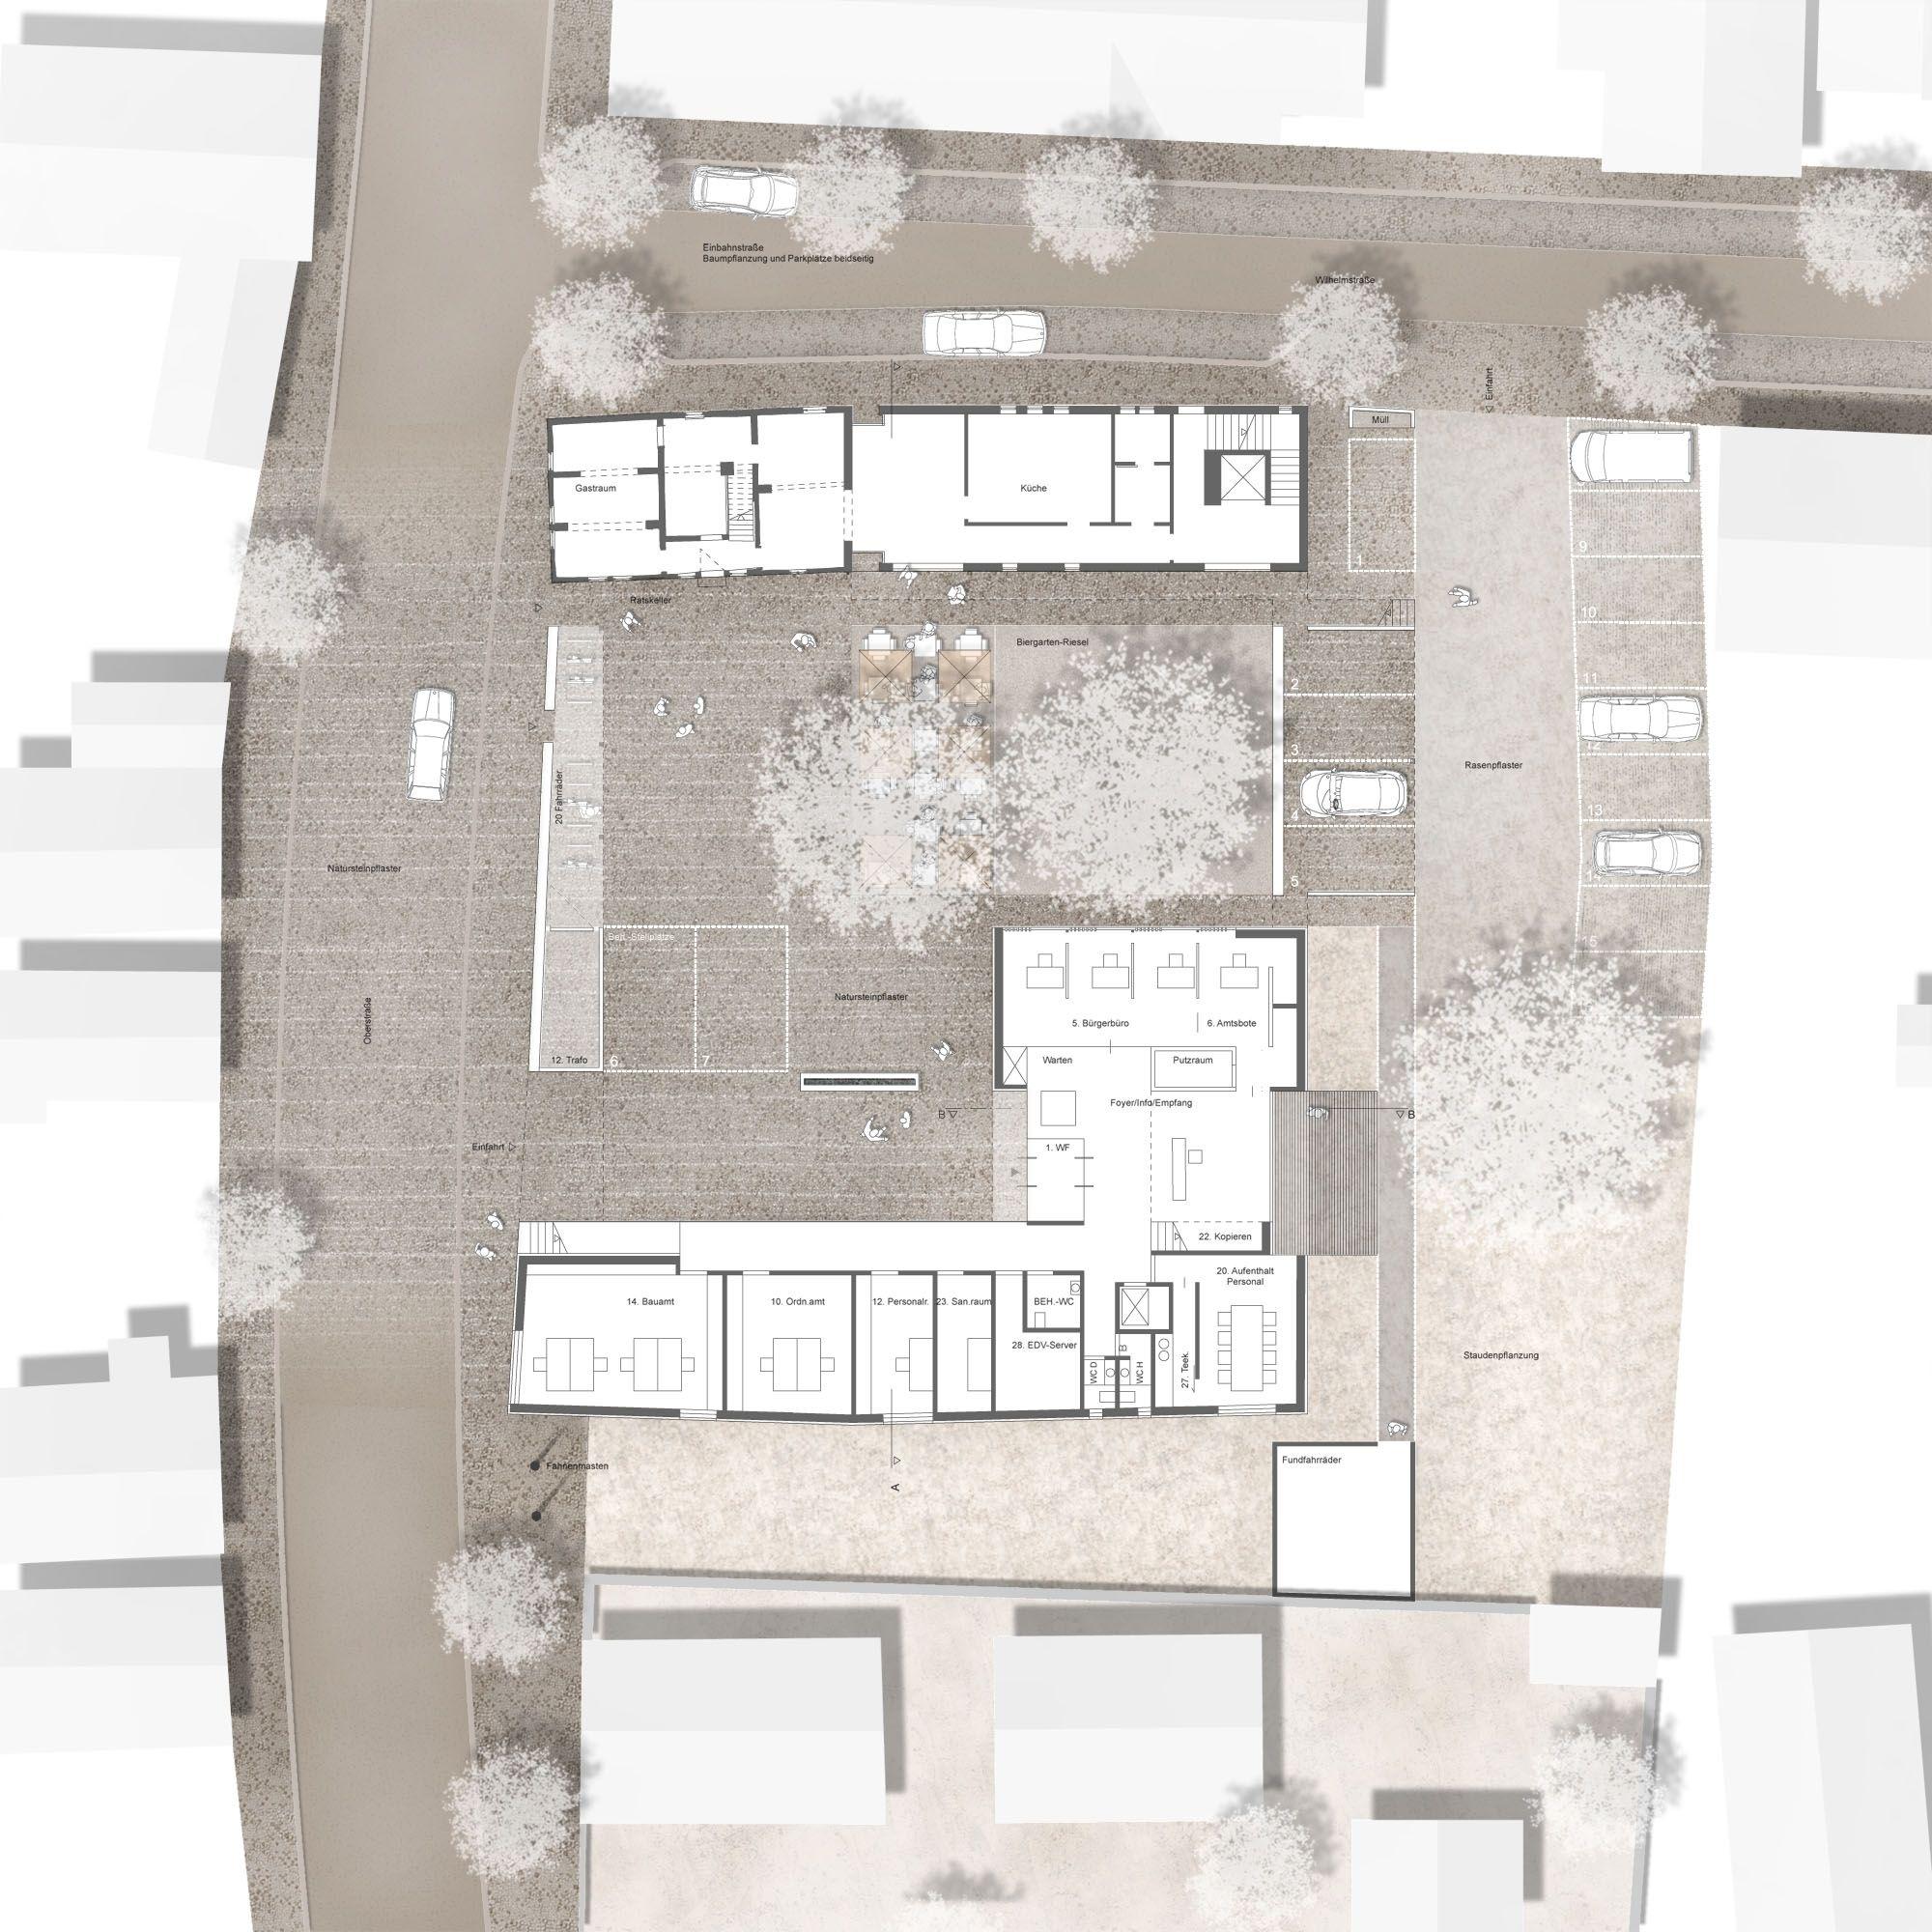 2. Preis #architektonischepräsentation